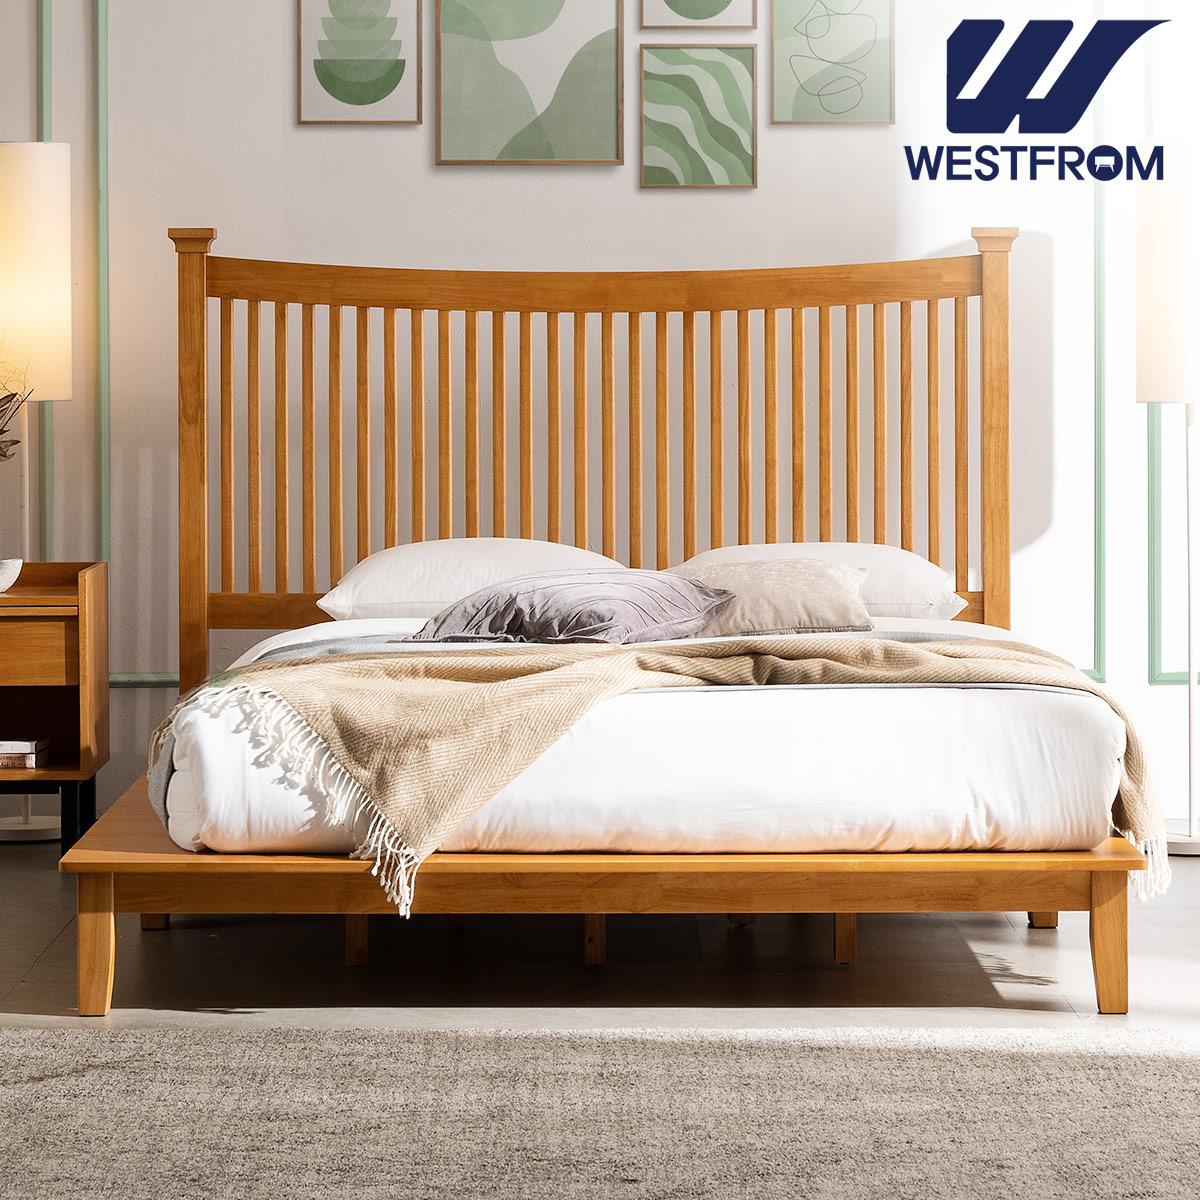 [웨스트프롬] 모던 마가렛) 고무나무원목 평상형 침대(라지K) / F17 라지KING 매트리스